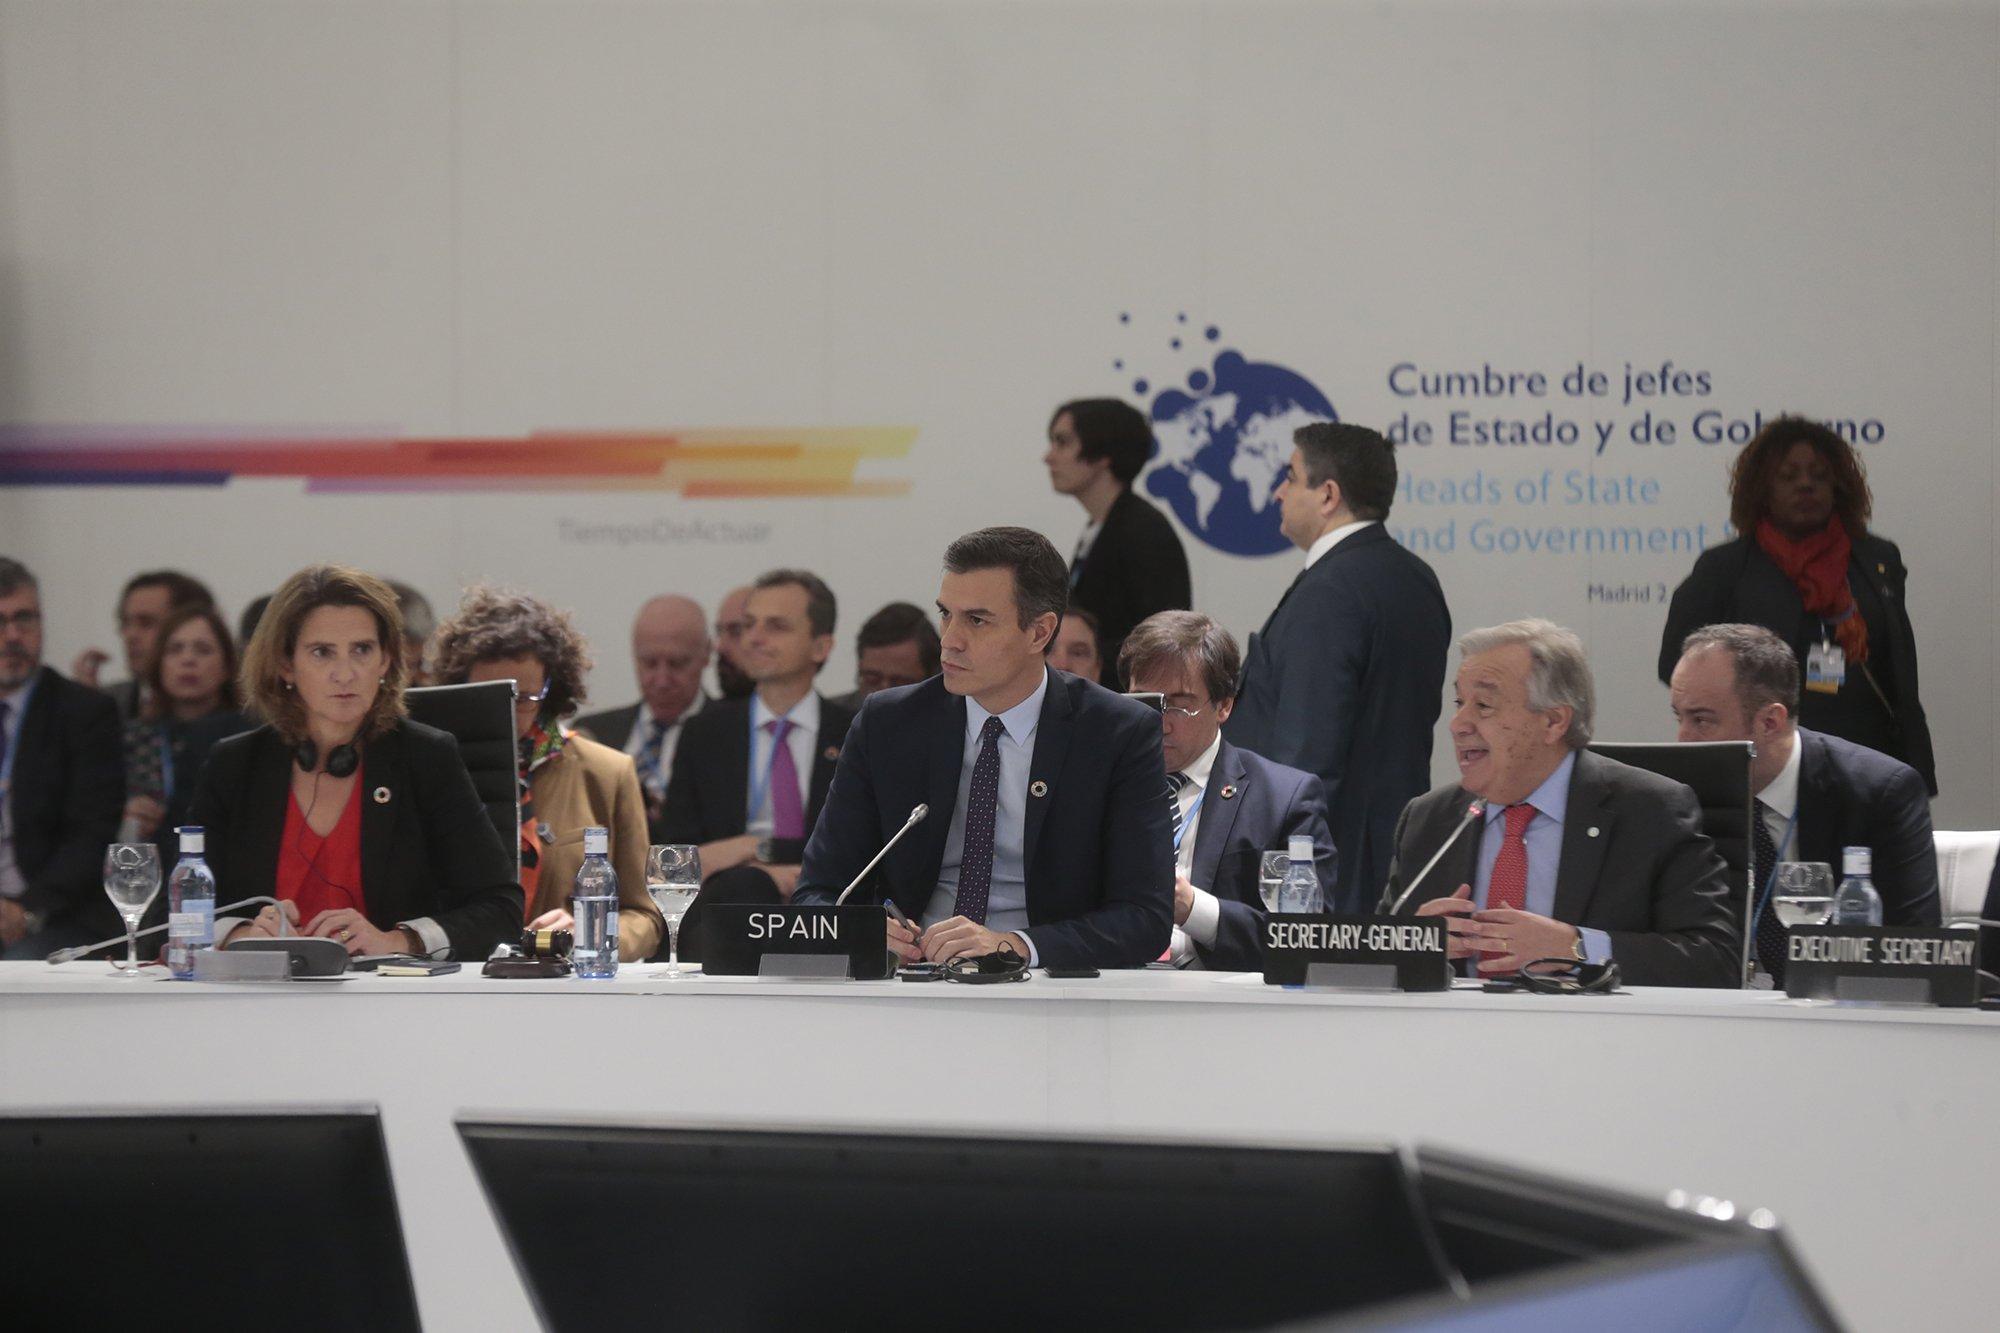 Sánchez: No habrá terceras elecciones… pero tampoco negociaciones con el PP, sólo con Podemos